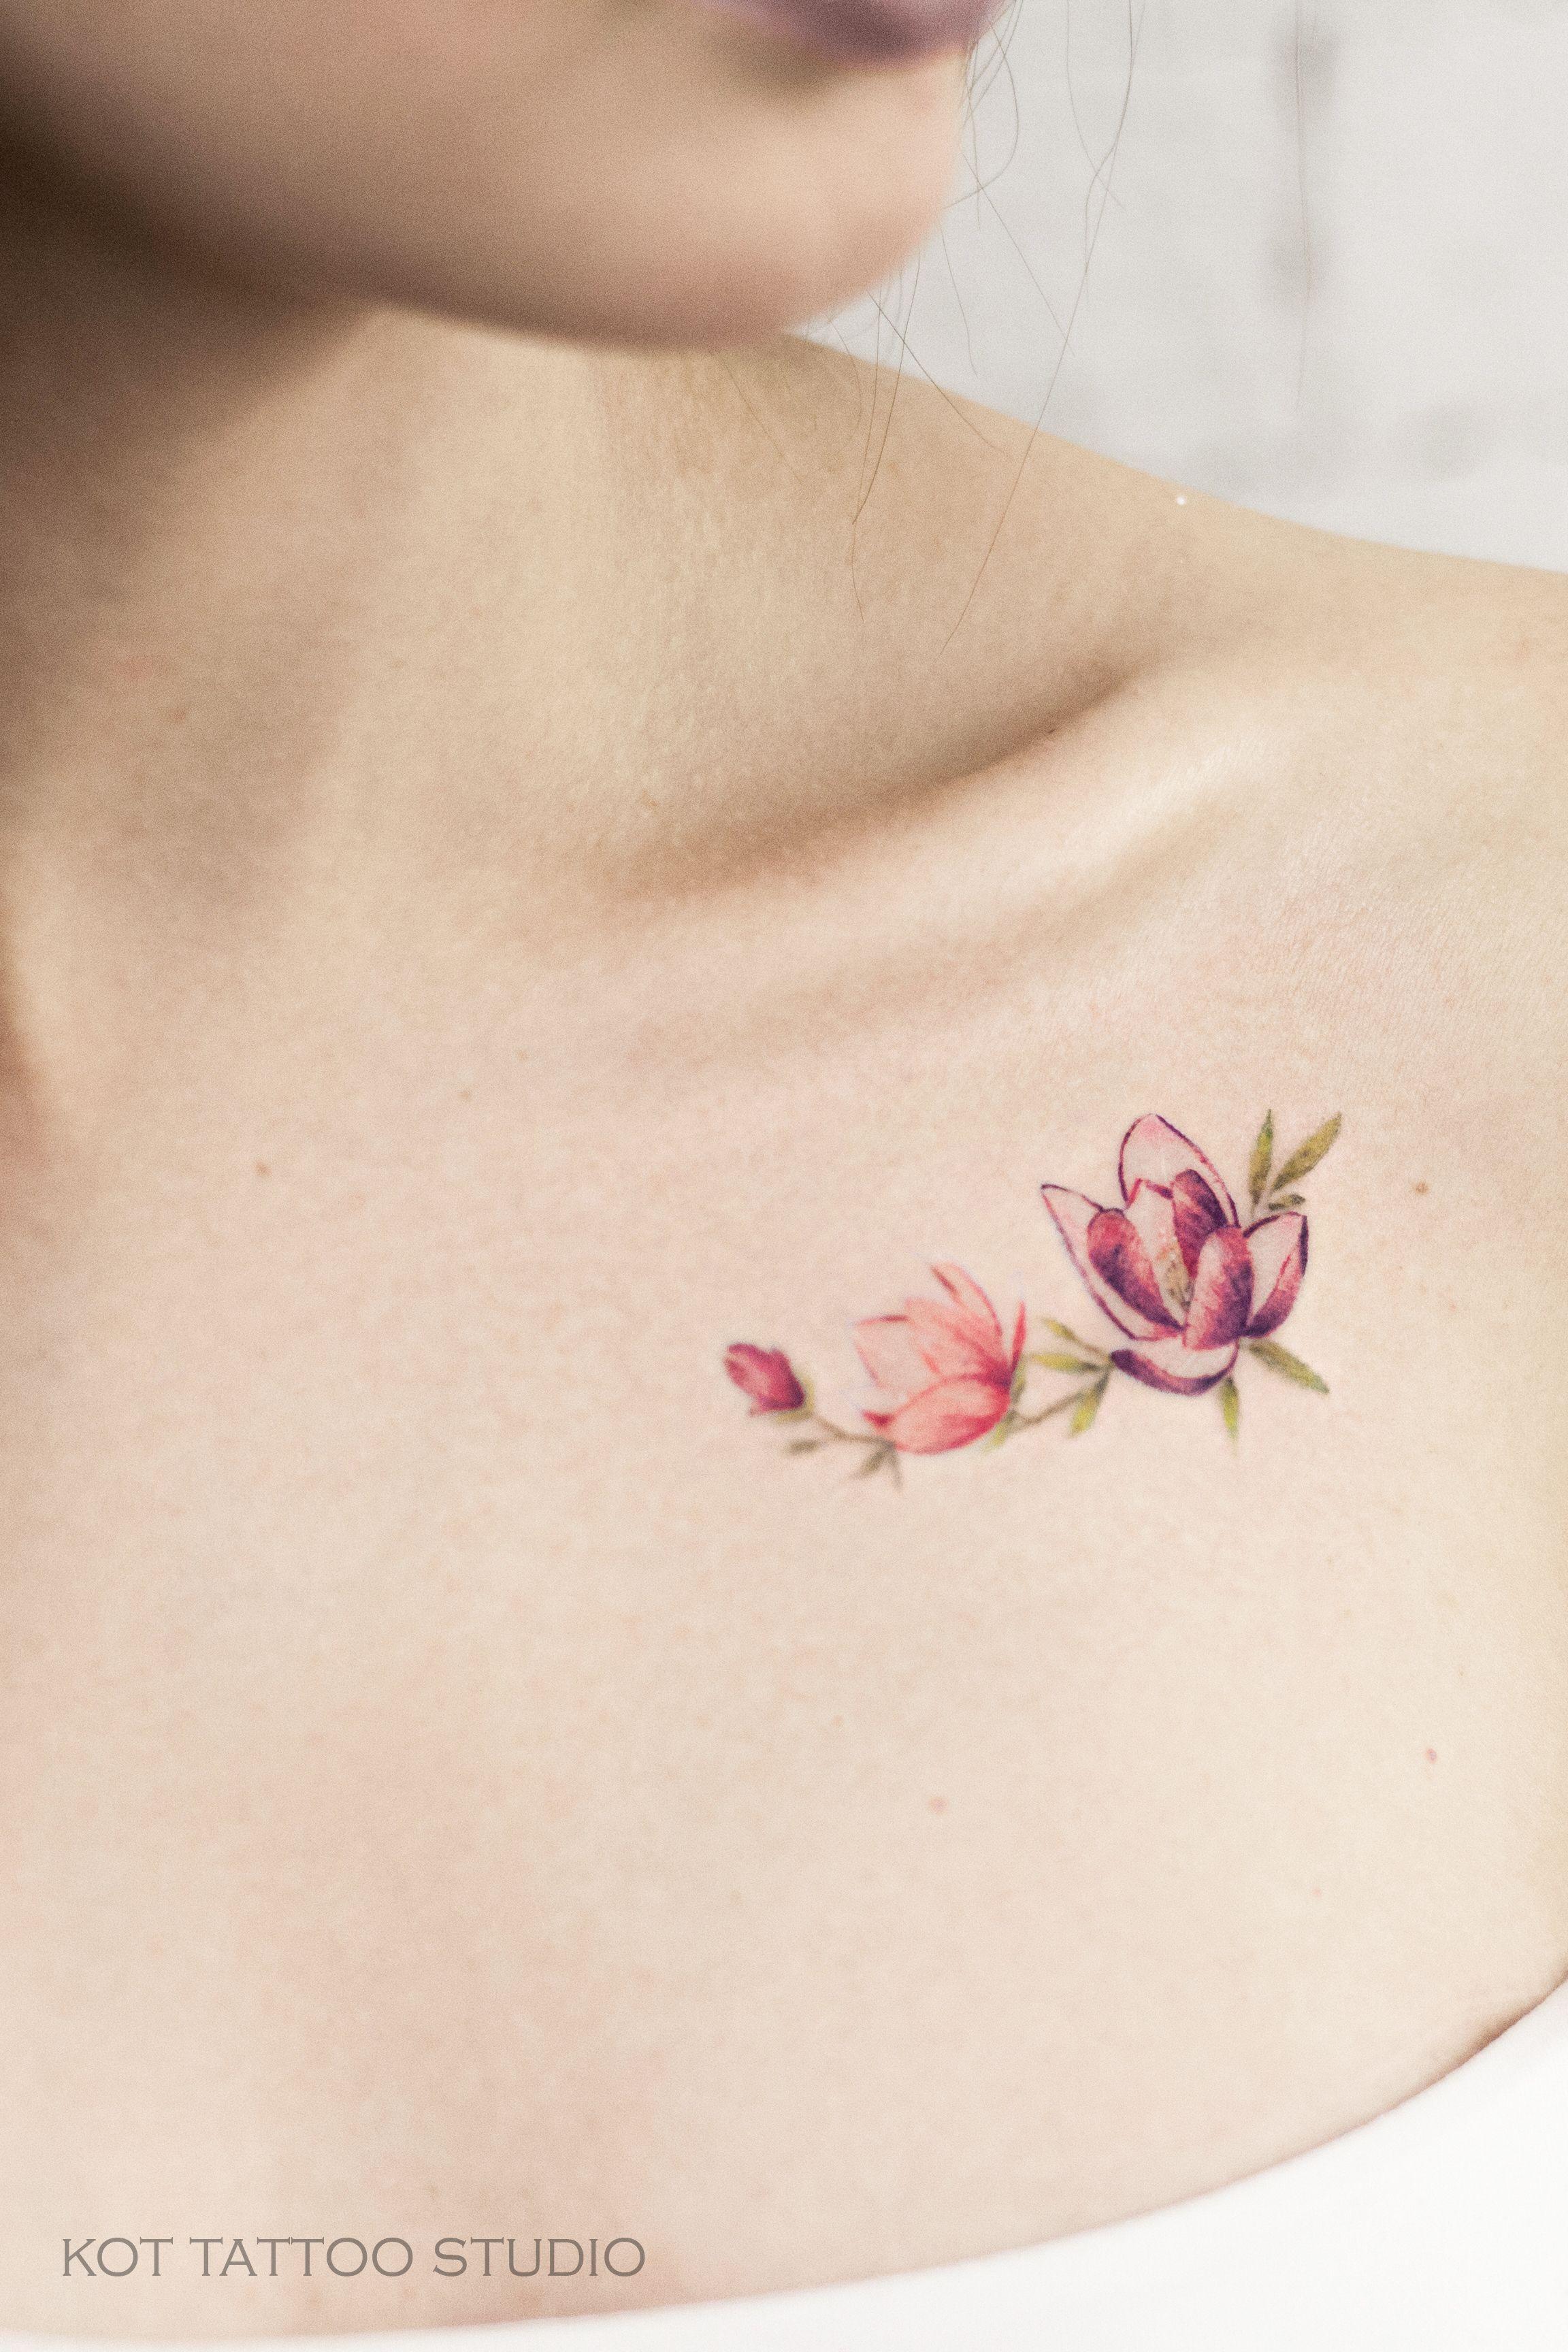 мы любим делать маленькие тату а красивые маленькие тату особенно